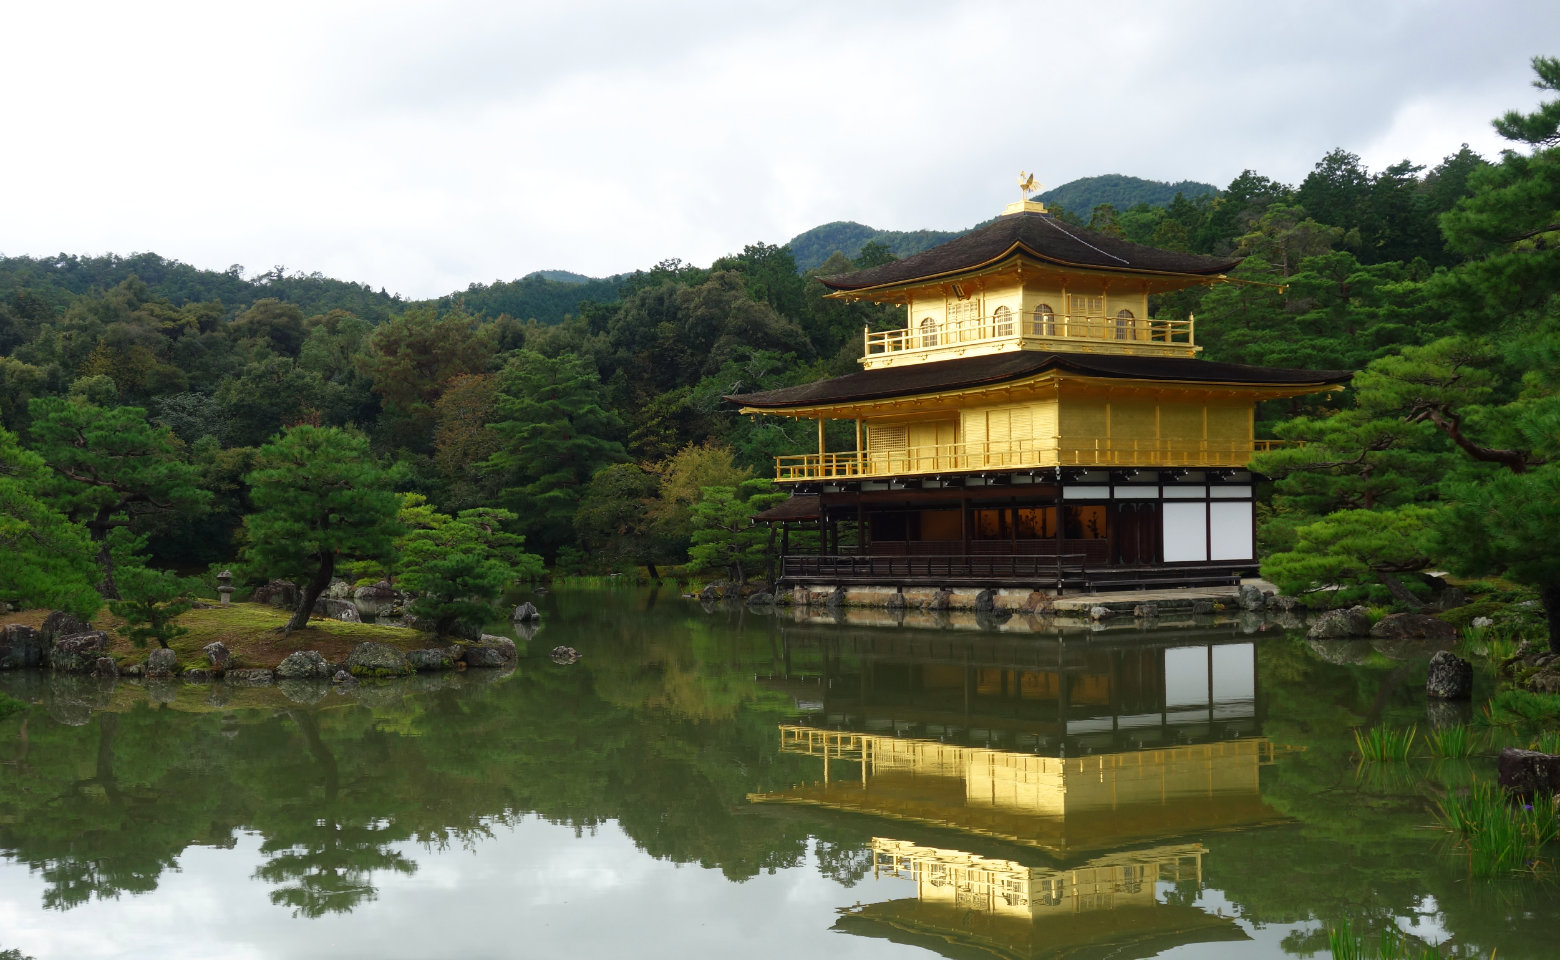 Kyoto Goldener Pavillon